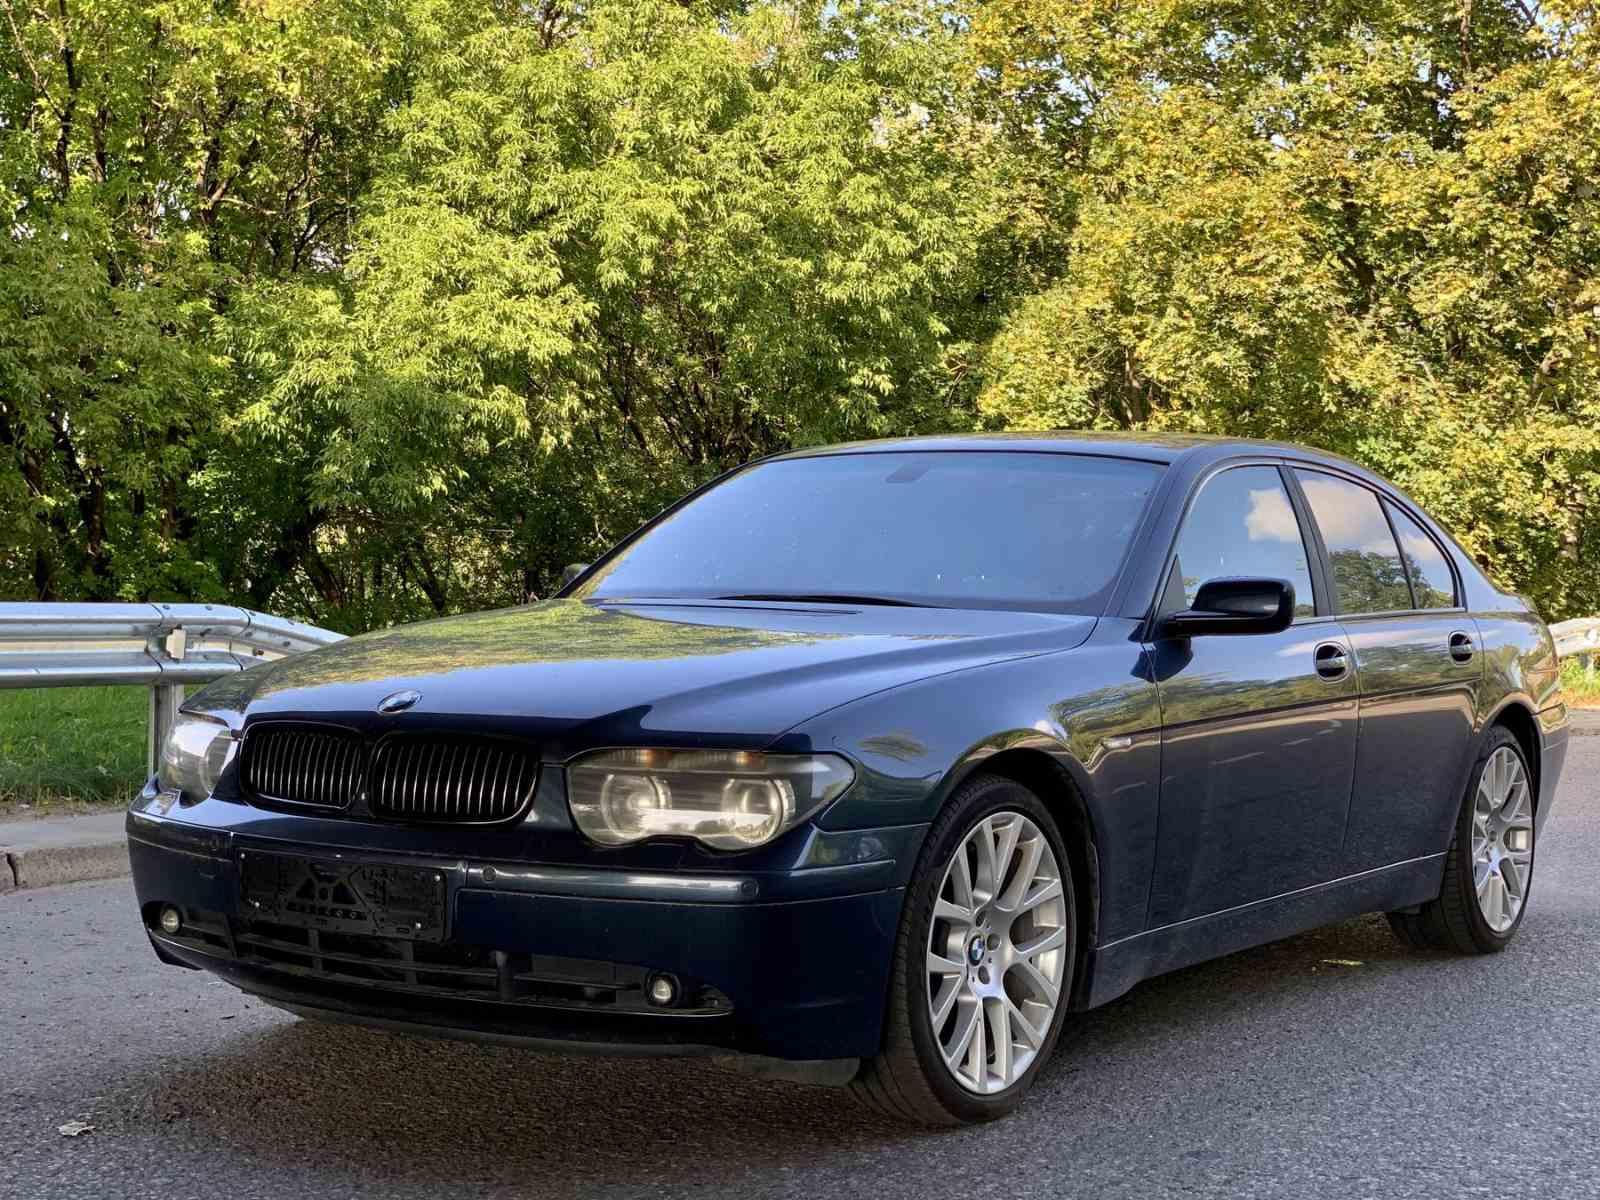 BMW 735, 3.6 l., sedanas